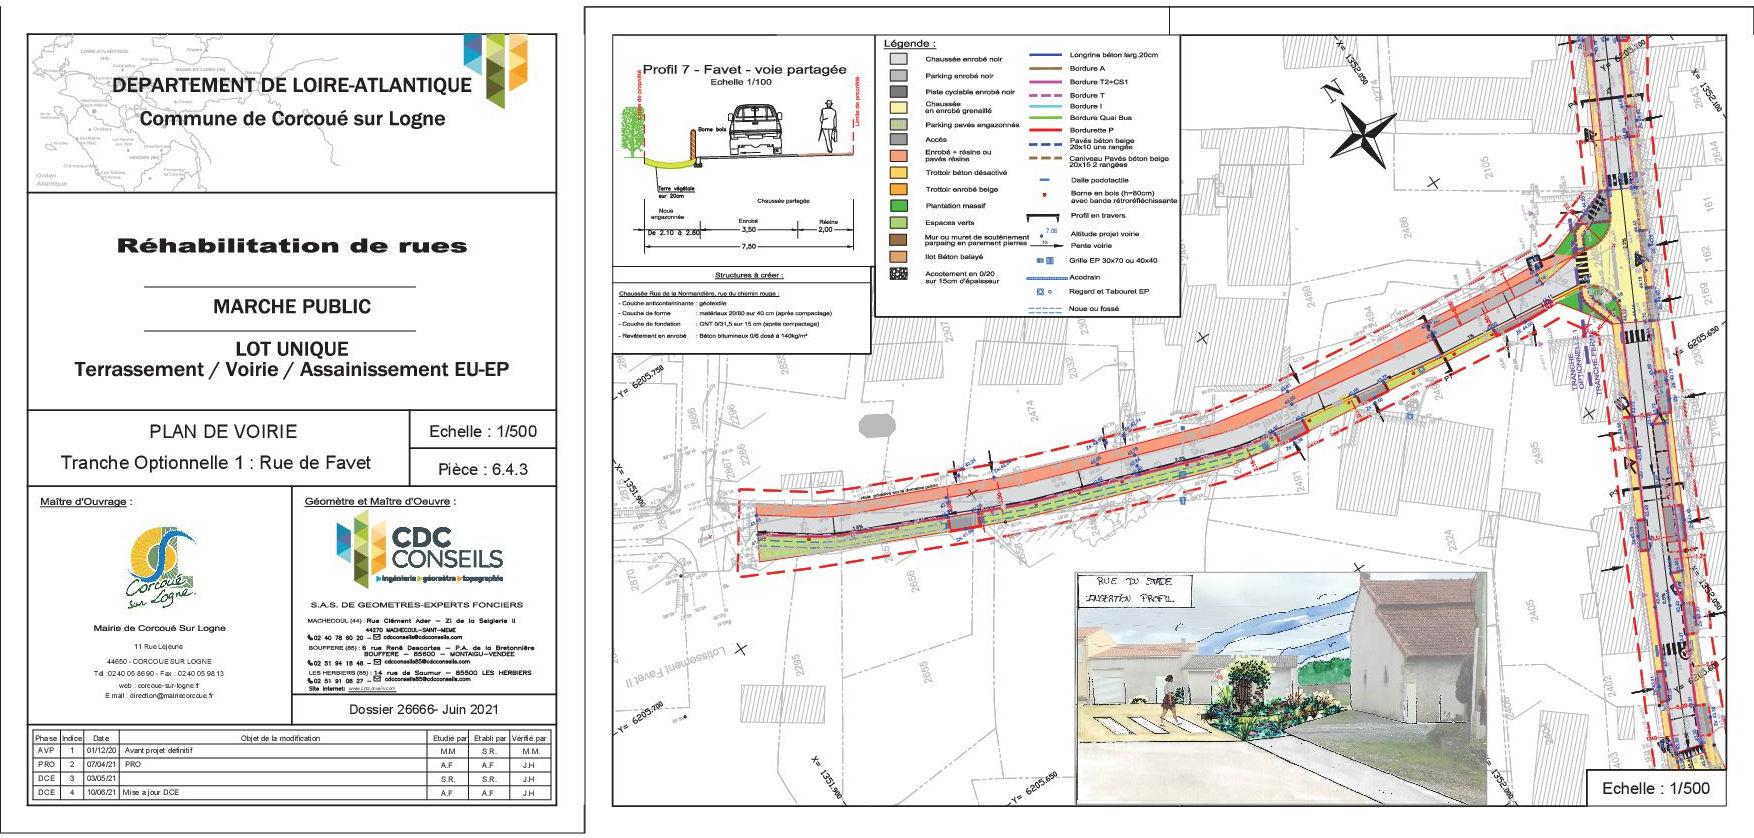 26666- Piece 6.4.3 - Plan de Voirie-TO1-Rue du Favet.jpg